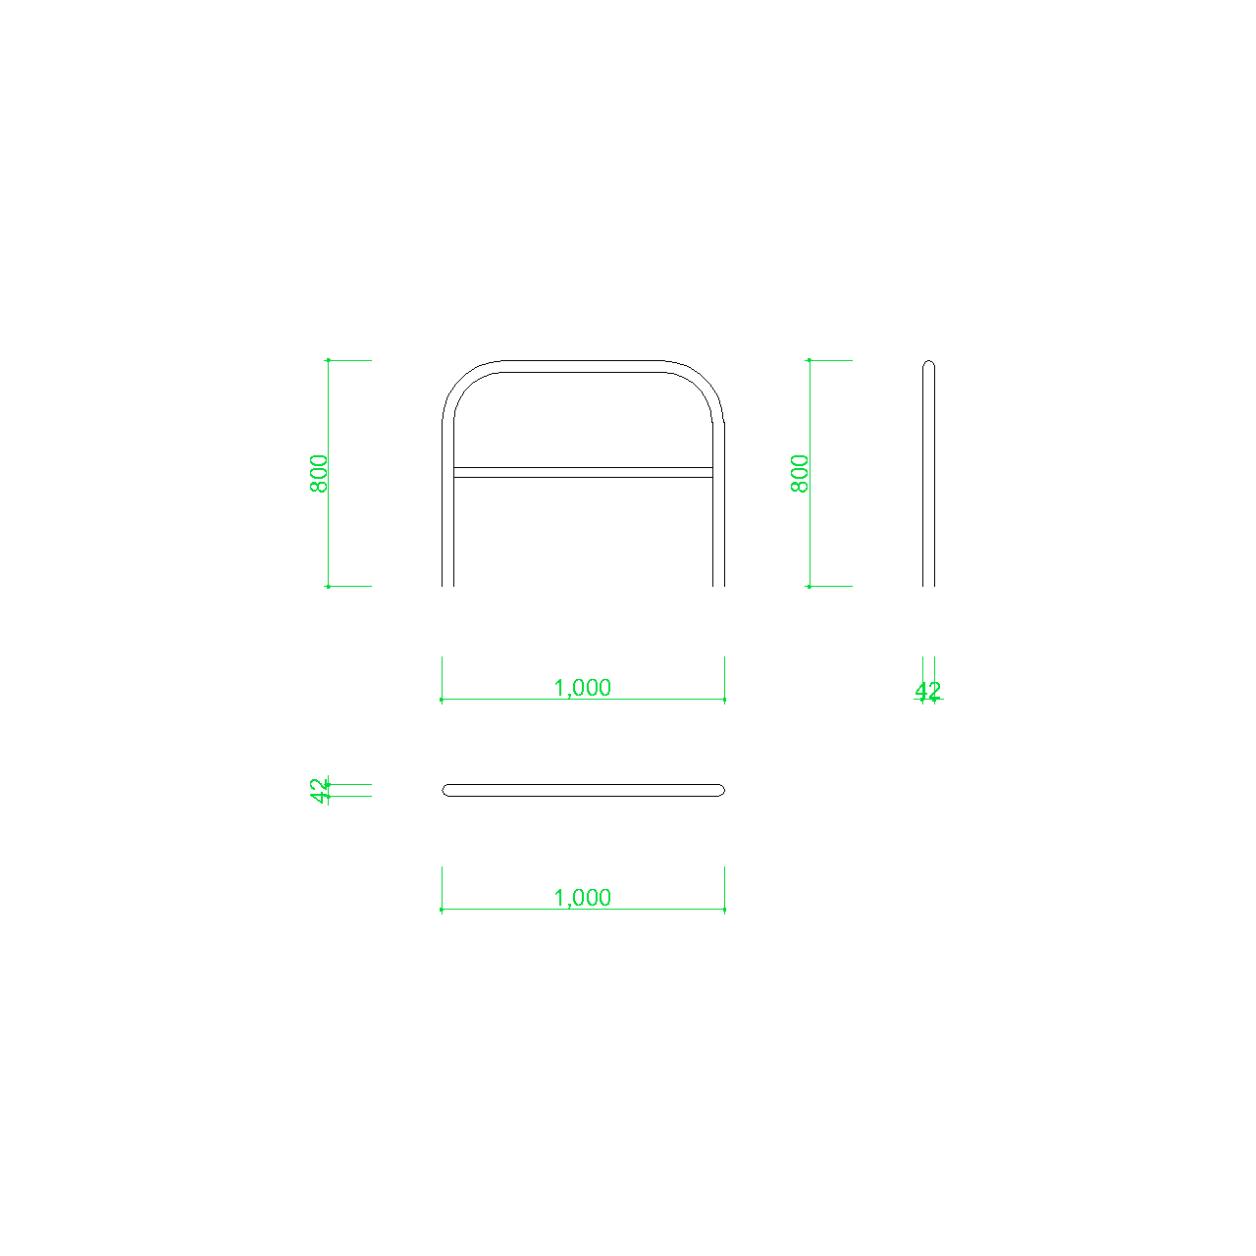 ガードパイプ(1m)の2DCAD部品,無料,商用可能,フリー素材,フリーデータ,AUTOCAD,DWG,DXF,道路,road,車両用防護柵,ガードフェンス,guard pipe,fence